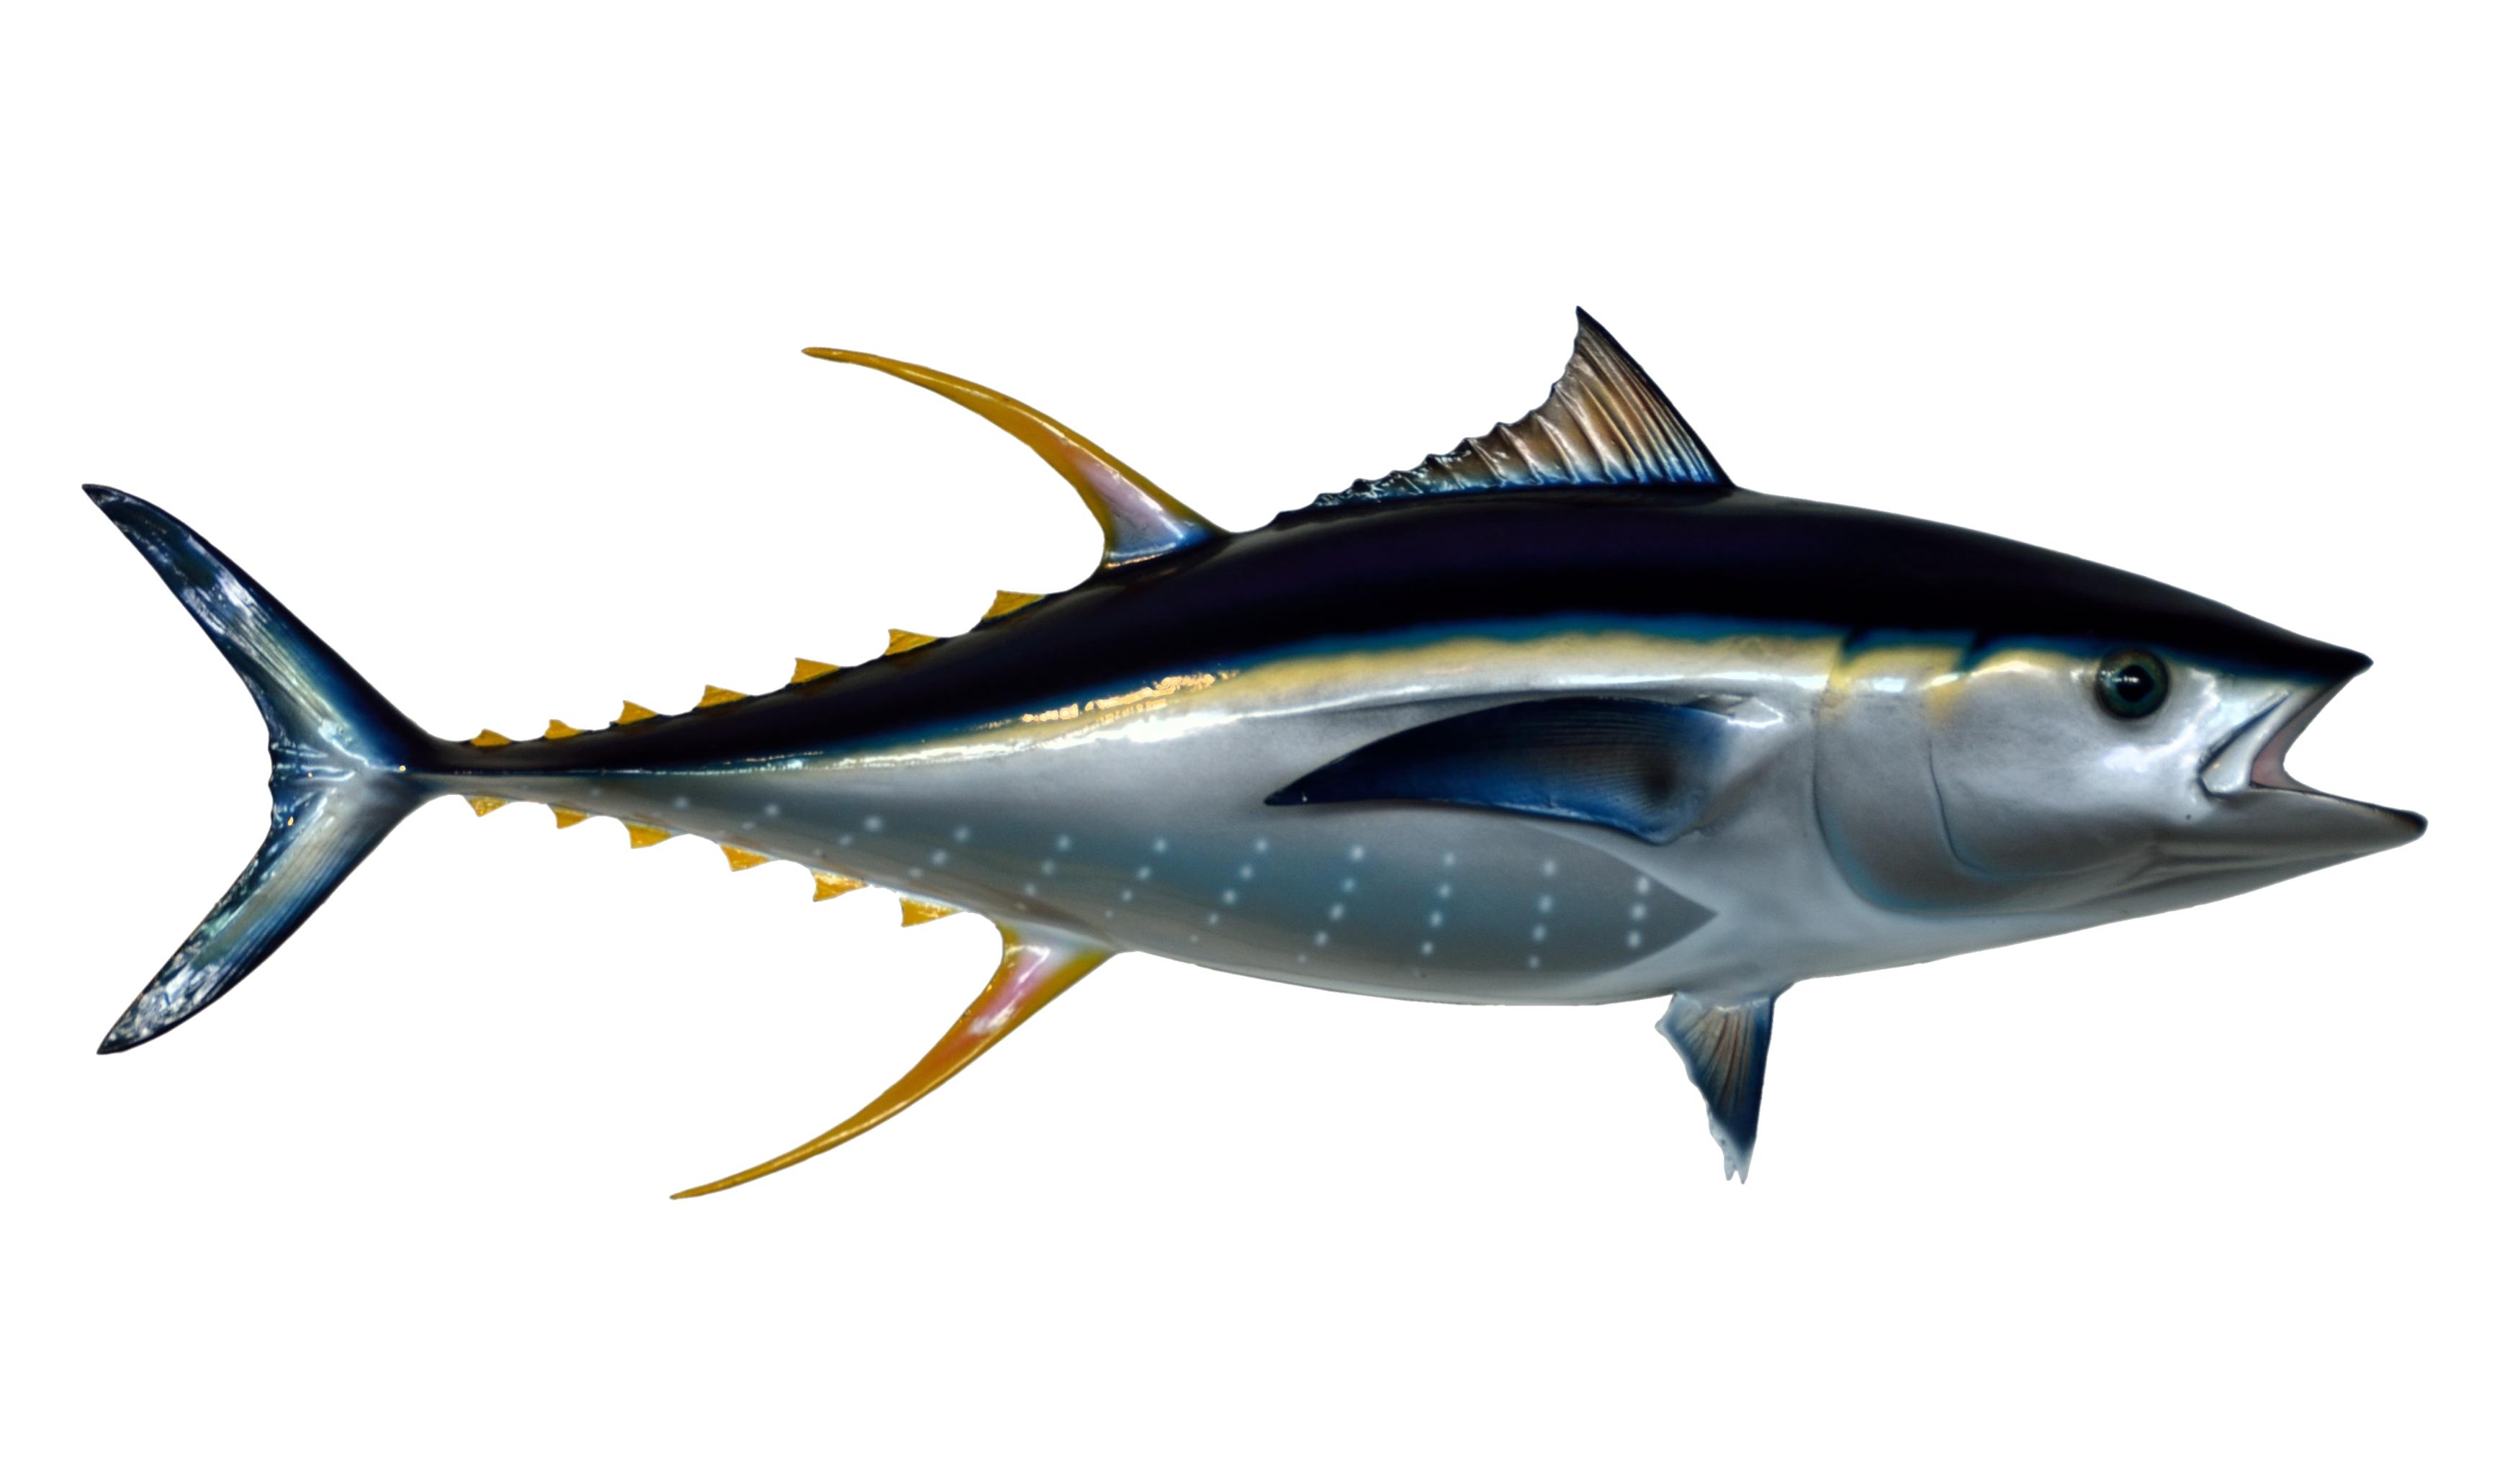 Png image purepng free. Tuna clipart tuna fish